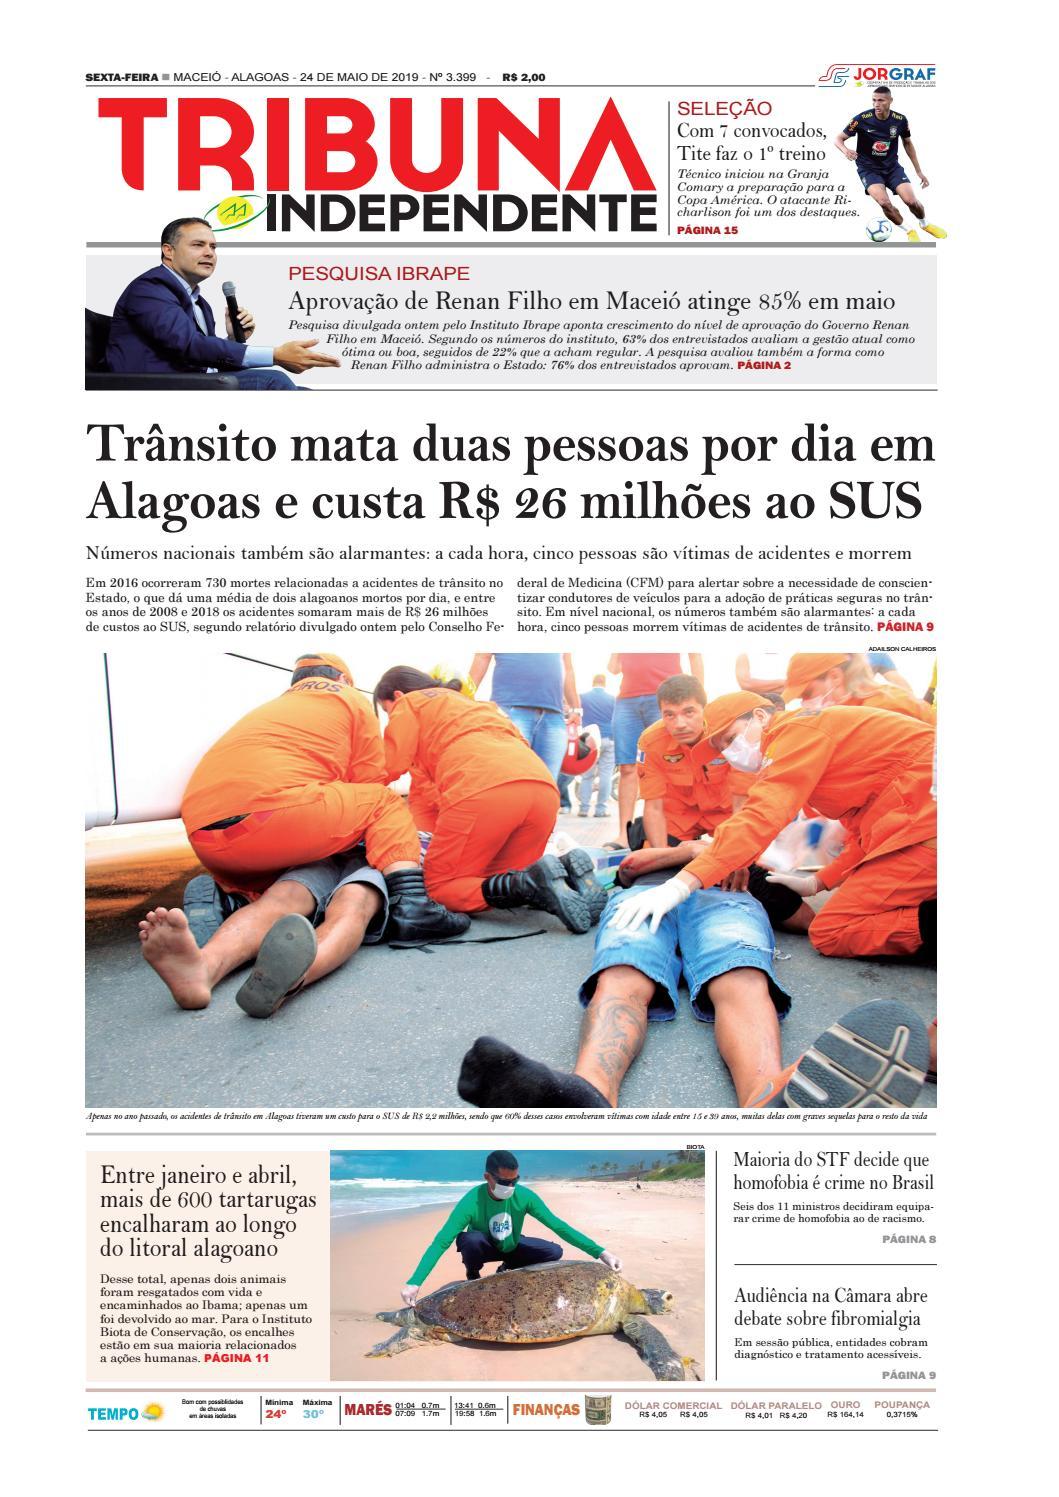 7f596f1f5 Edição número 3399 - 24 de maio de 2019 by Tribuna Hoje - issuu